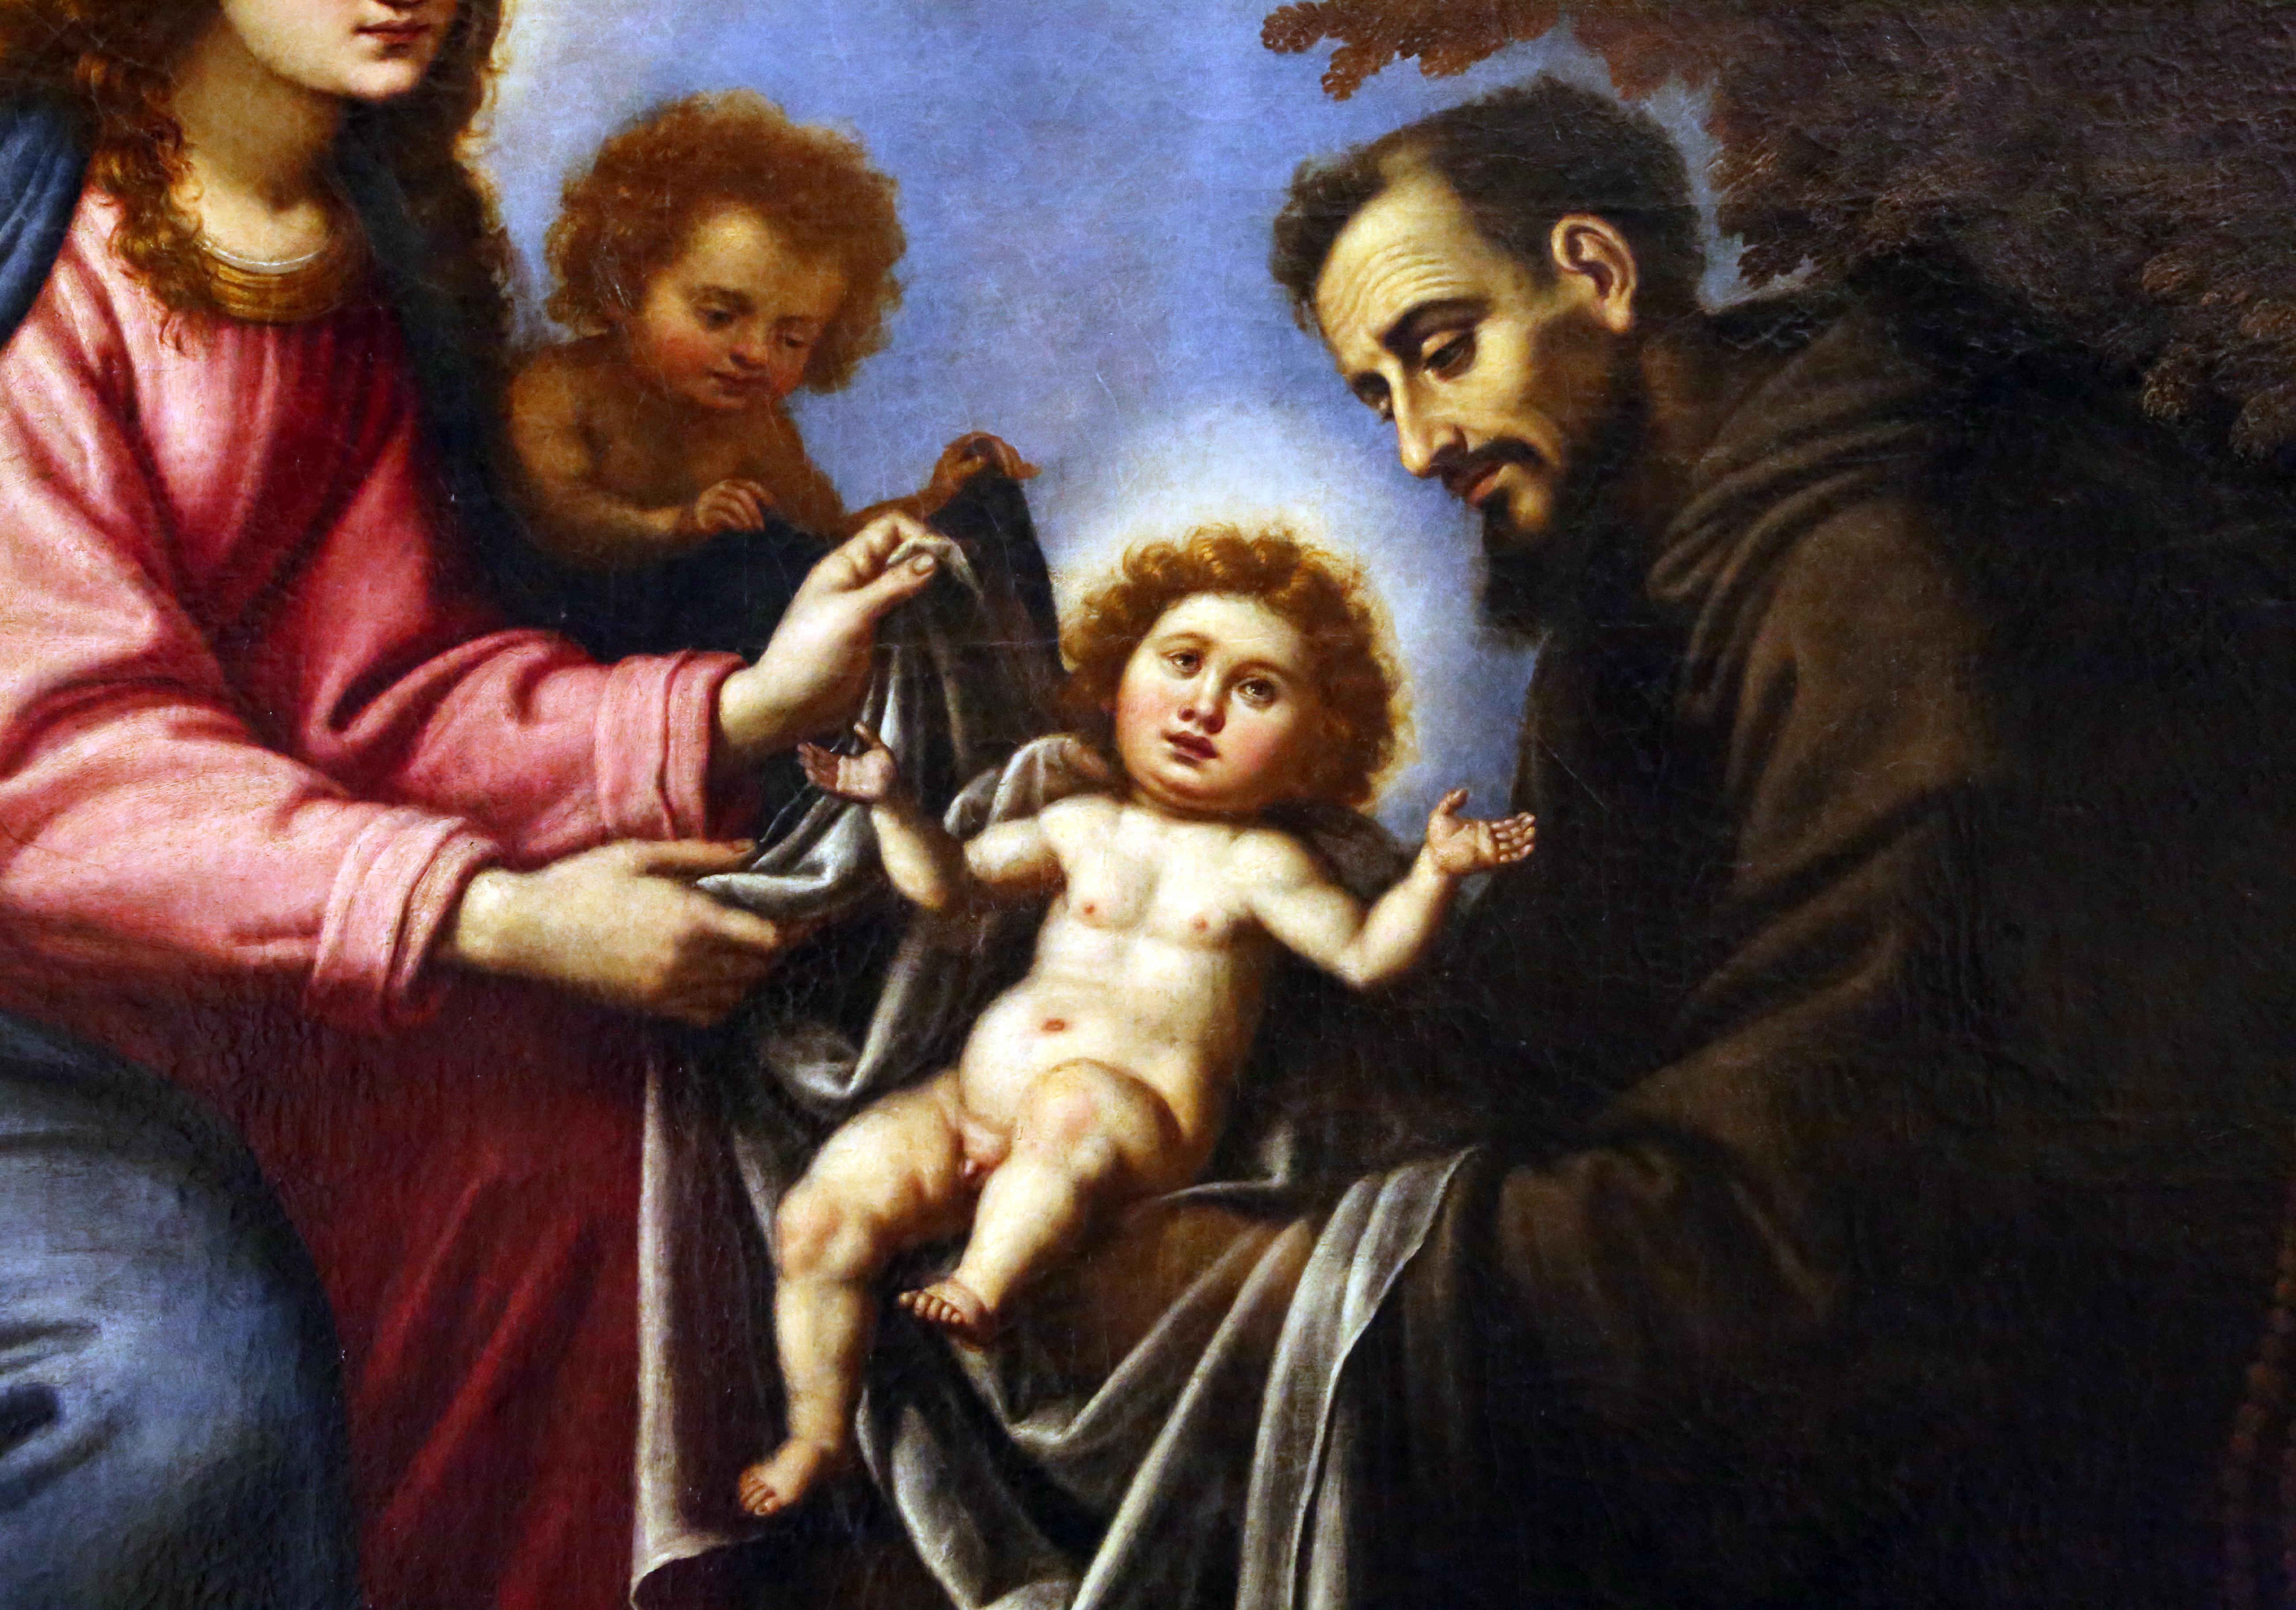 Gesu Bambino Dalla.File Scuola Del Rosselli San Francesco D Assisi Riceve Gesu Bambino Dalla Madonna 1600 50 Ca 02 Jpg Wikimedia Commons